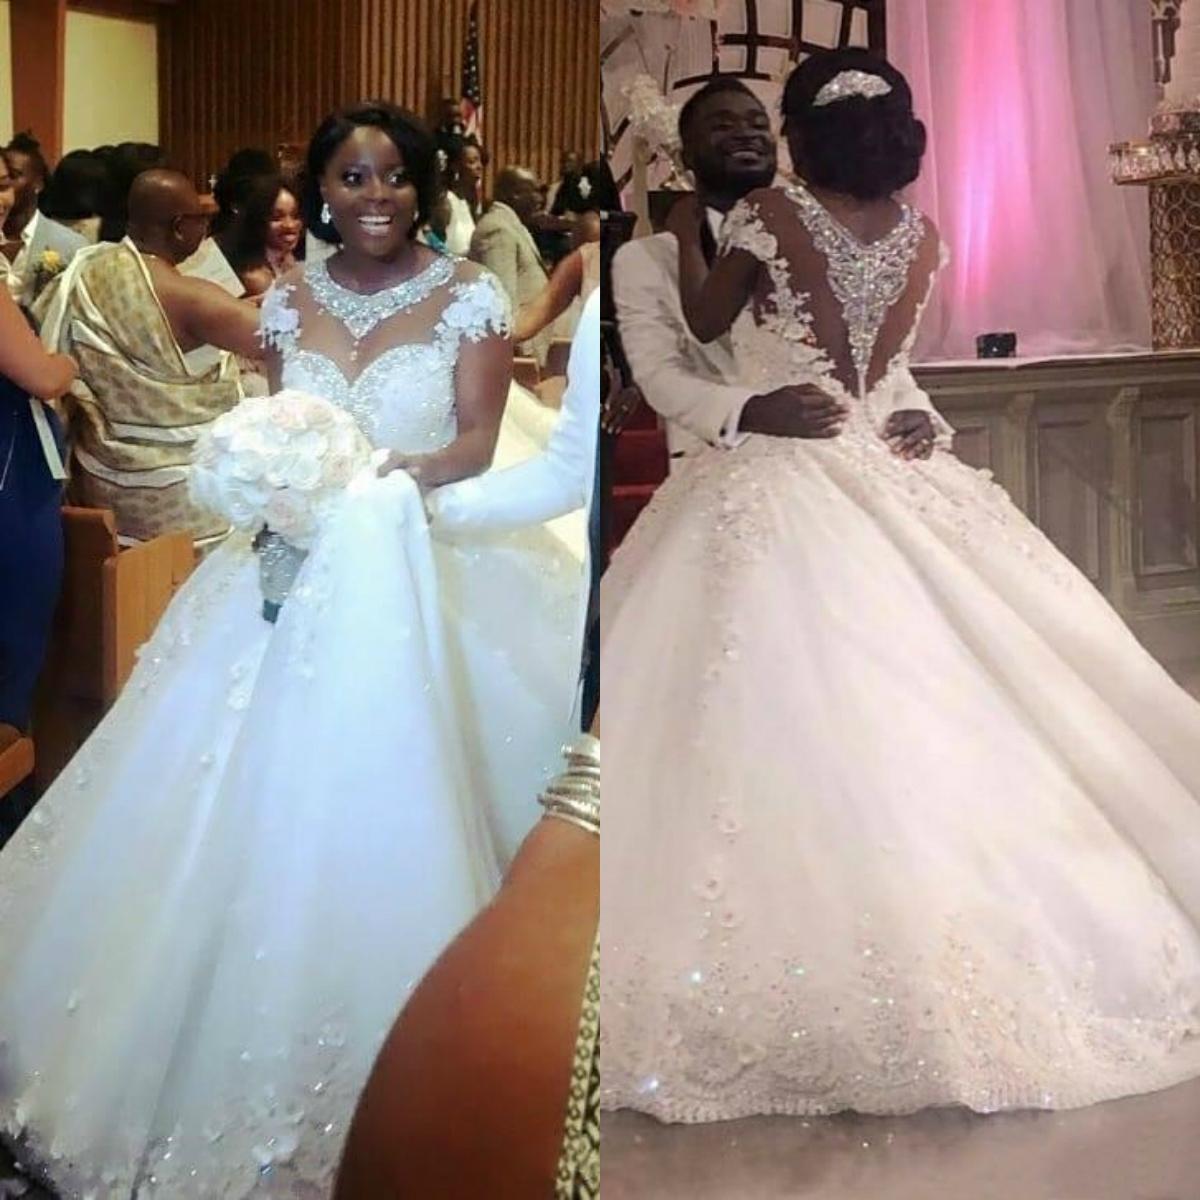 Discount Gypsy Lace Wedding Dress  Gypsy Lace Wedding Dress 20